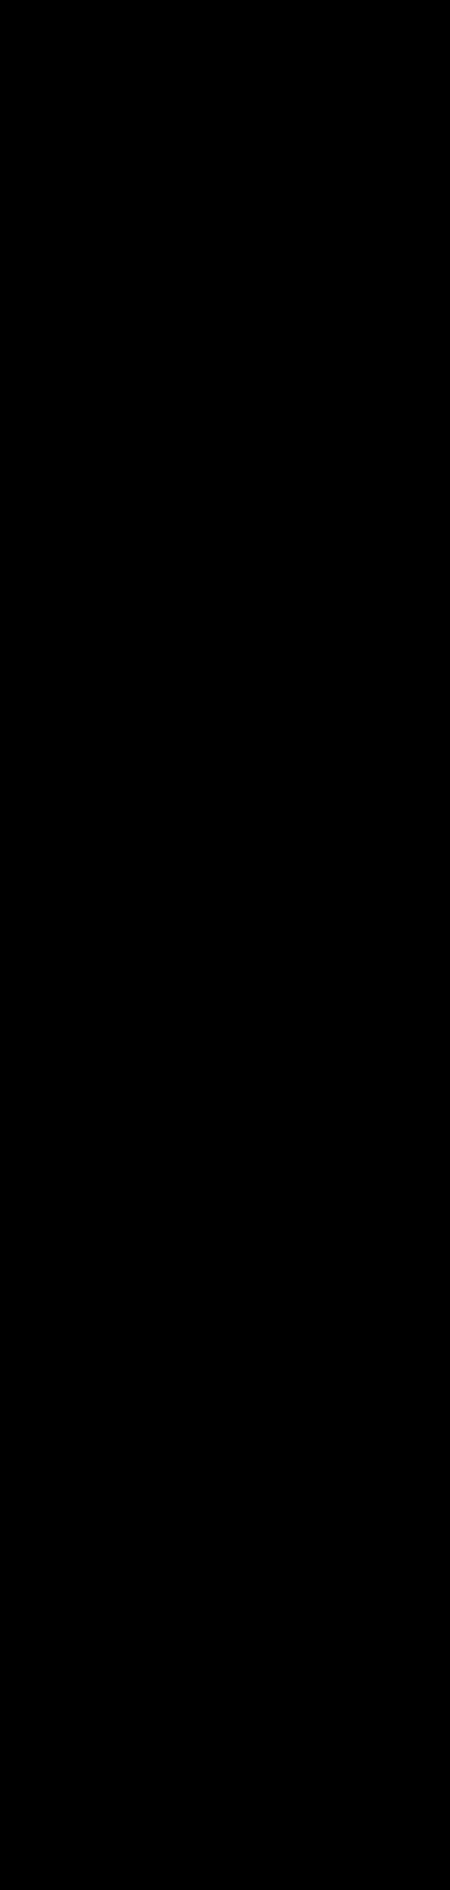 คอร์ด คอร์ดกีต้า เพลง รักเดียใจเดีัยว(cover by ผัดไท)